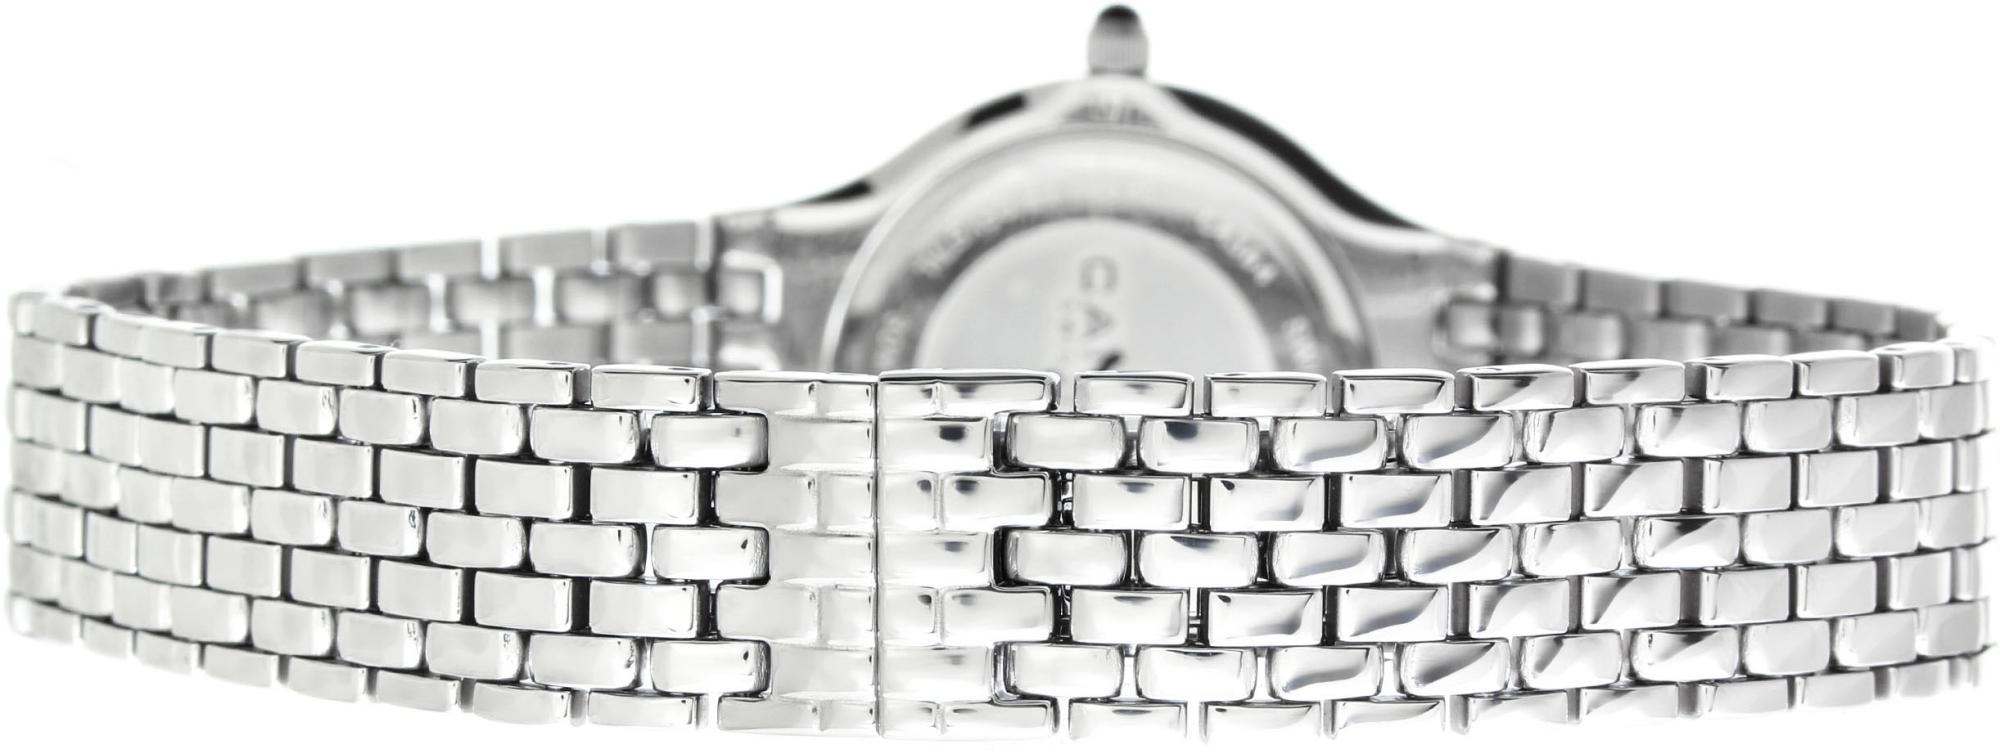 Candino Timeless C4364/4Наручные часы<br>Швейцарские часы Candino Timeless C4364/4Представленная модель входит в коллекцию Timeless. Это стильные мужские часы. Материал корпуса часов — сталь. В этих часах используется сапфировое стекло. Водозащита этой модели 30 м.<br><br>Для кого?: Мужские<br>Страна-производитель: Швейцария<br>Механизм: Кварцевый<br>Материал корпуса: Сталь<br>Материал ремня/браслета: Сталь<br>Водозащита, диапазон: 20 - 100 м<br>Стекло: Сапфировое<br>Толщина корпуса: None<br>Стиль: None